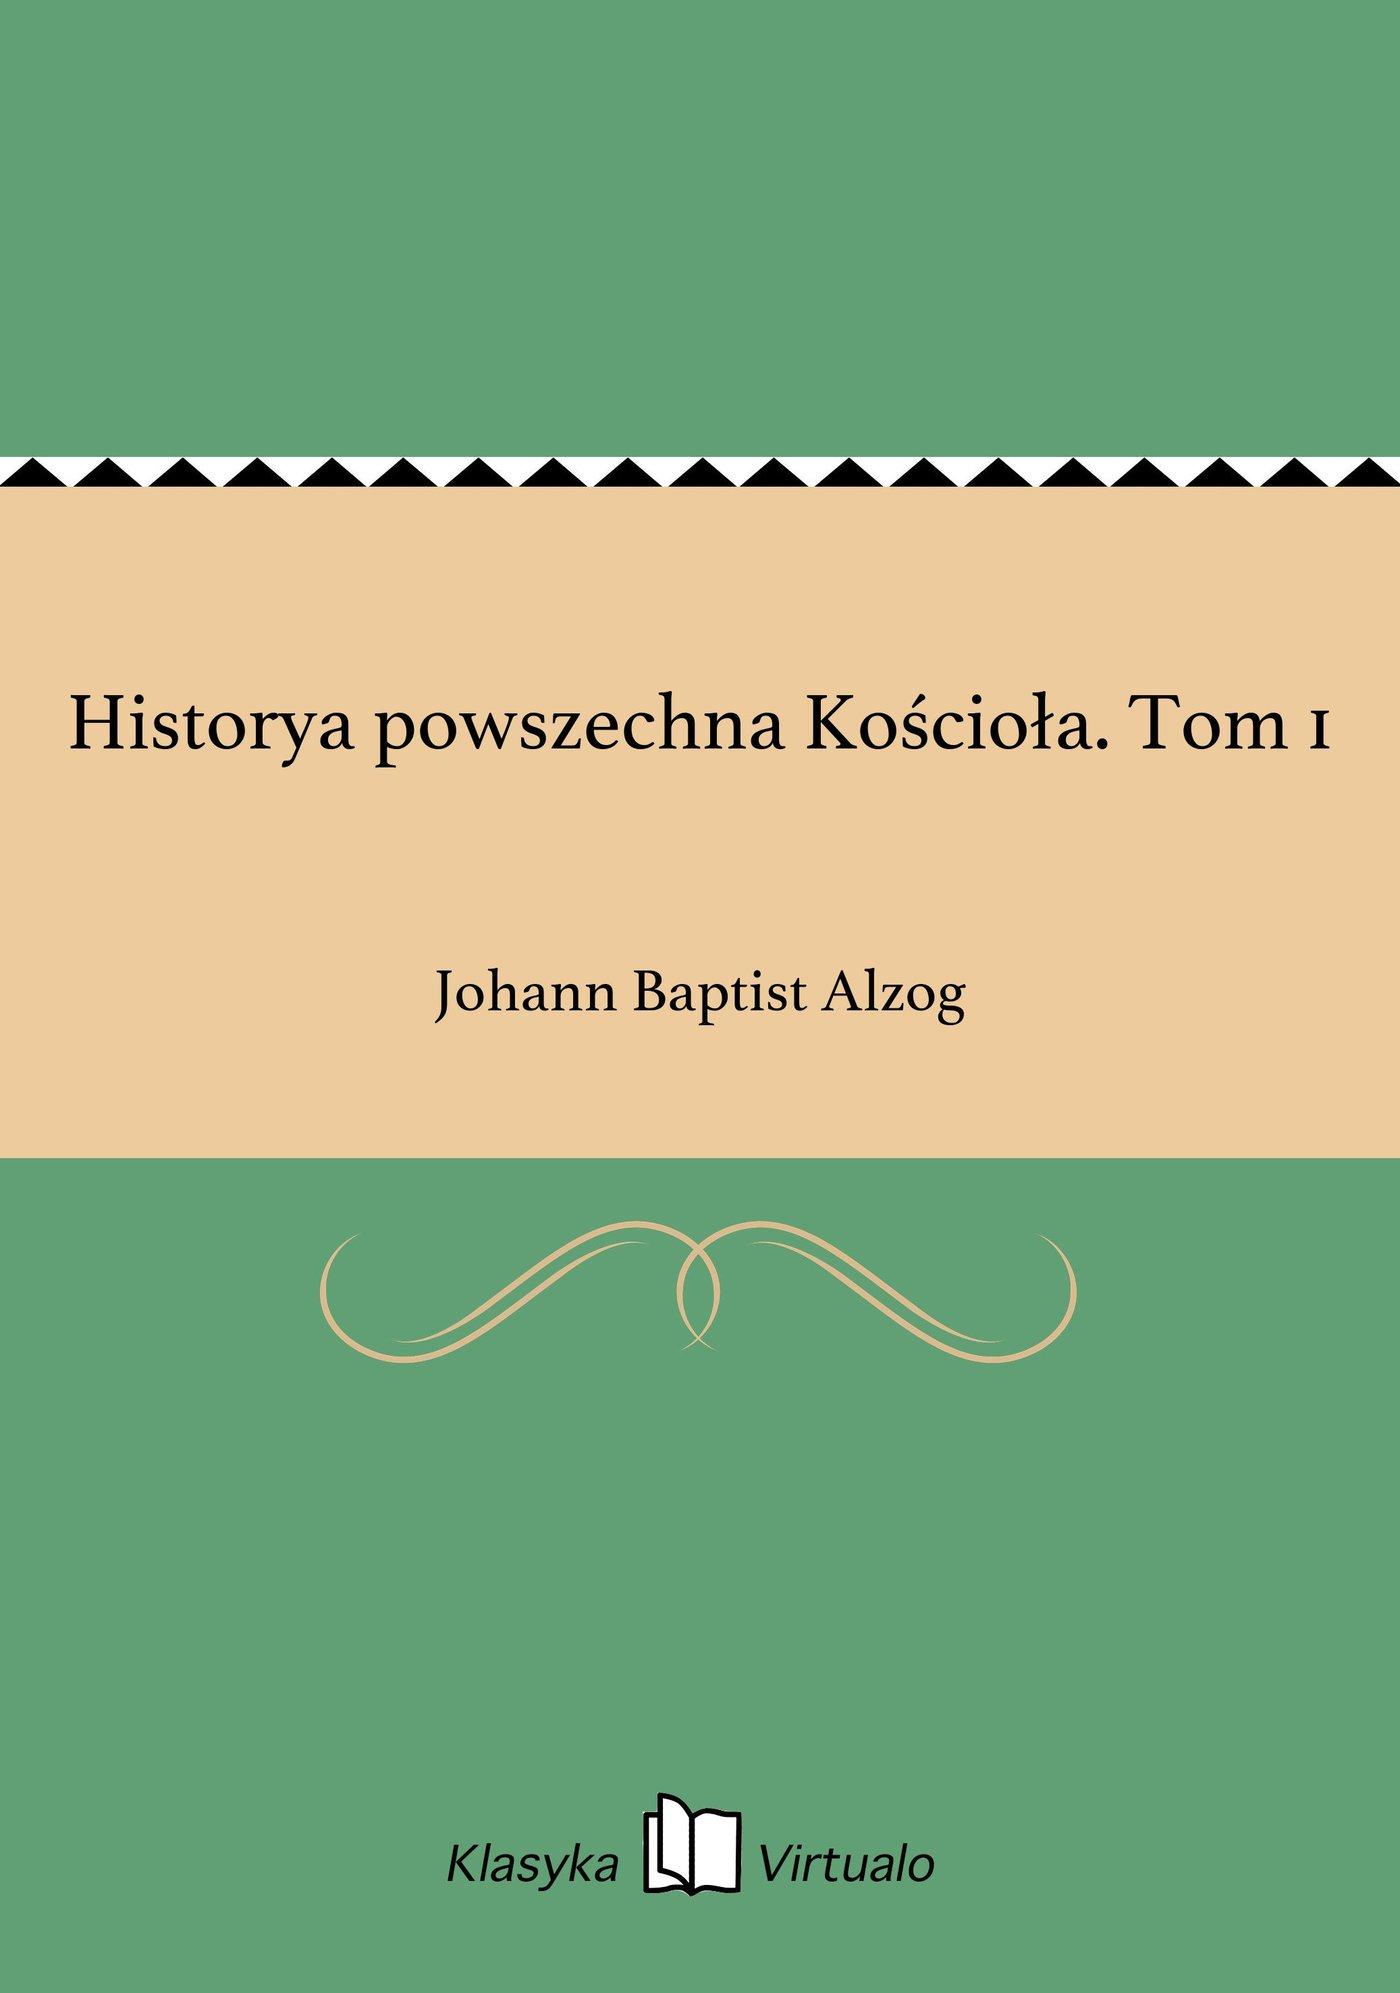 Historya powszechna Kościoła. Tom 1 - Ebook (Książka EPUB) do pobrania w formacie EPUB